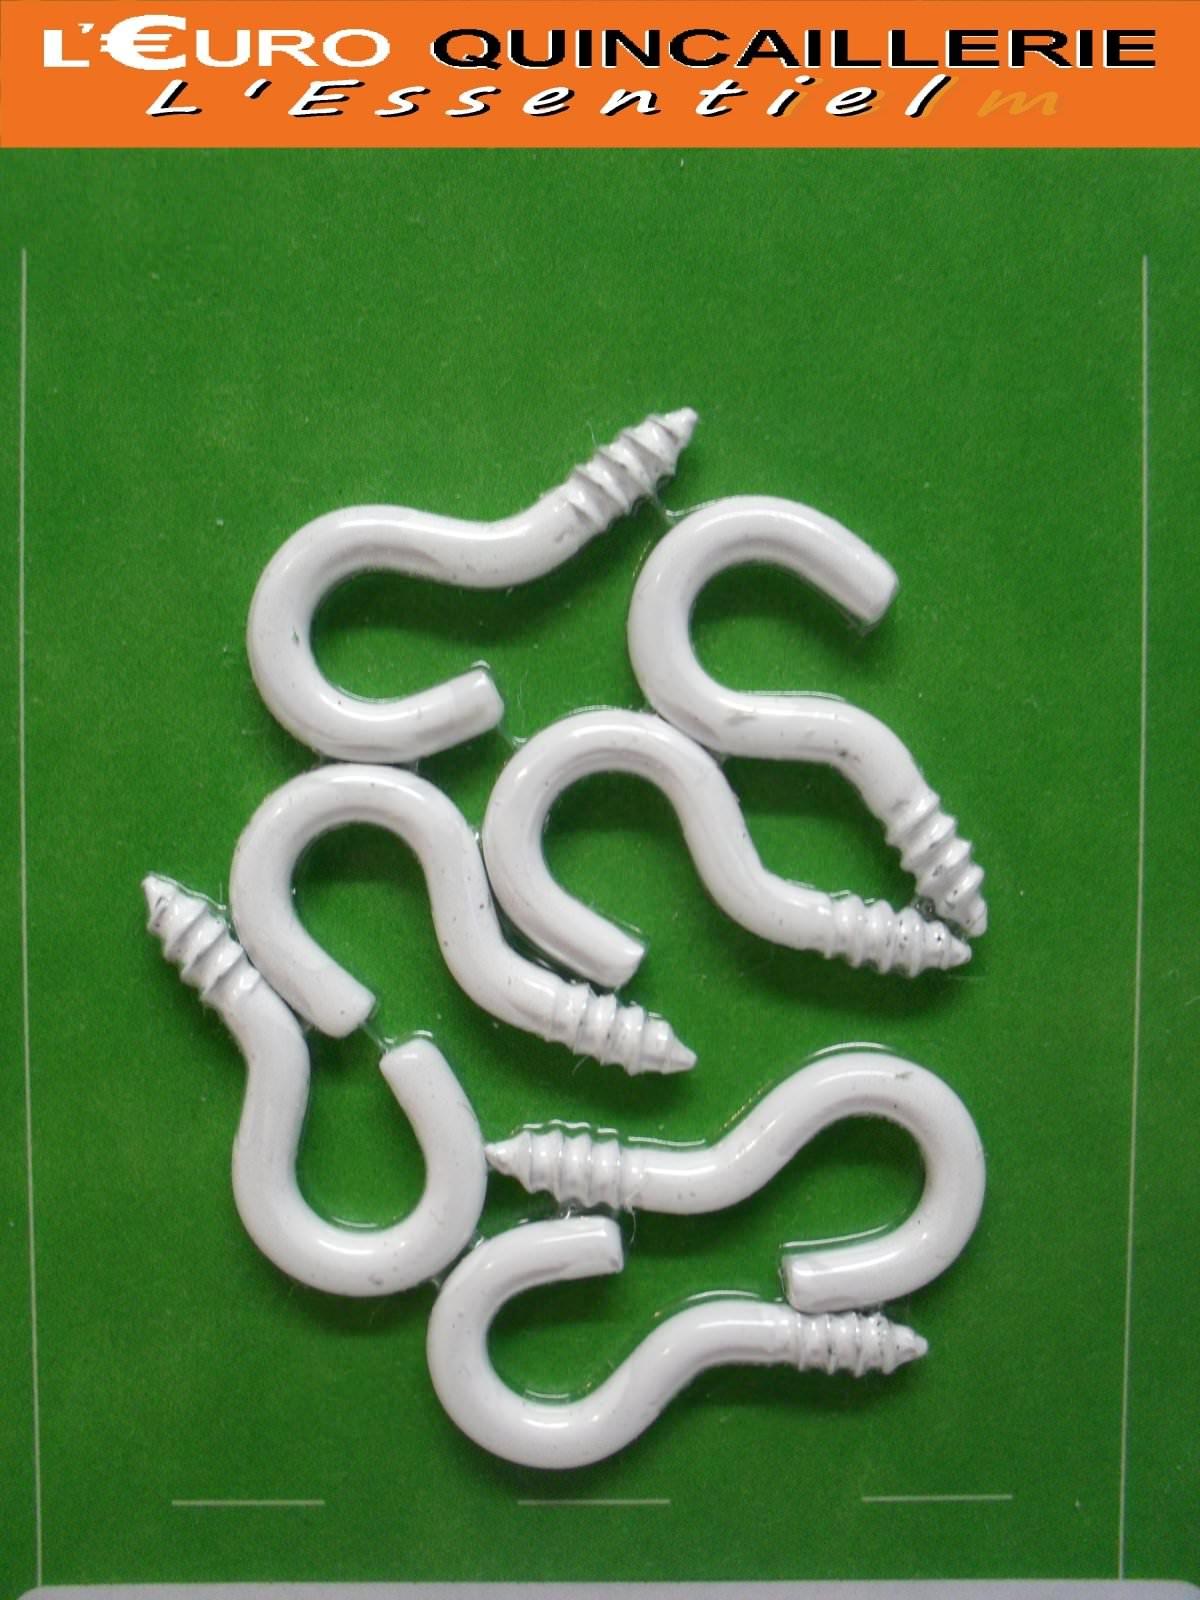 7 Crochets à vis acier plastifié blanc 2,5x12mm